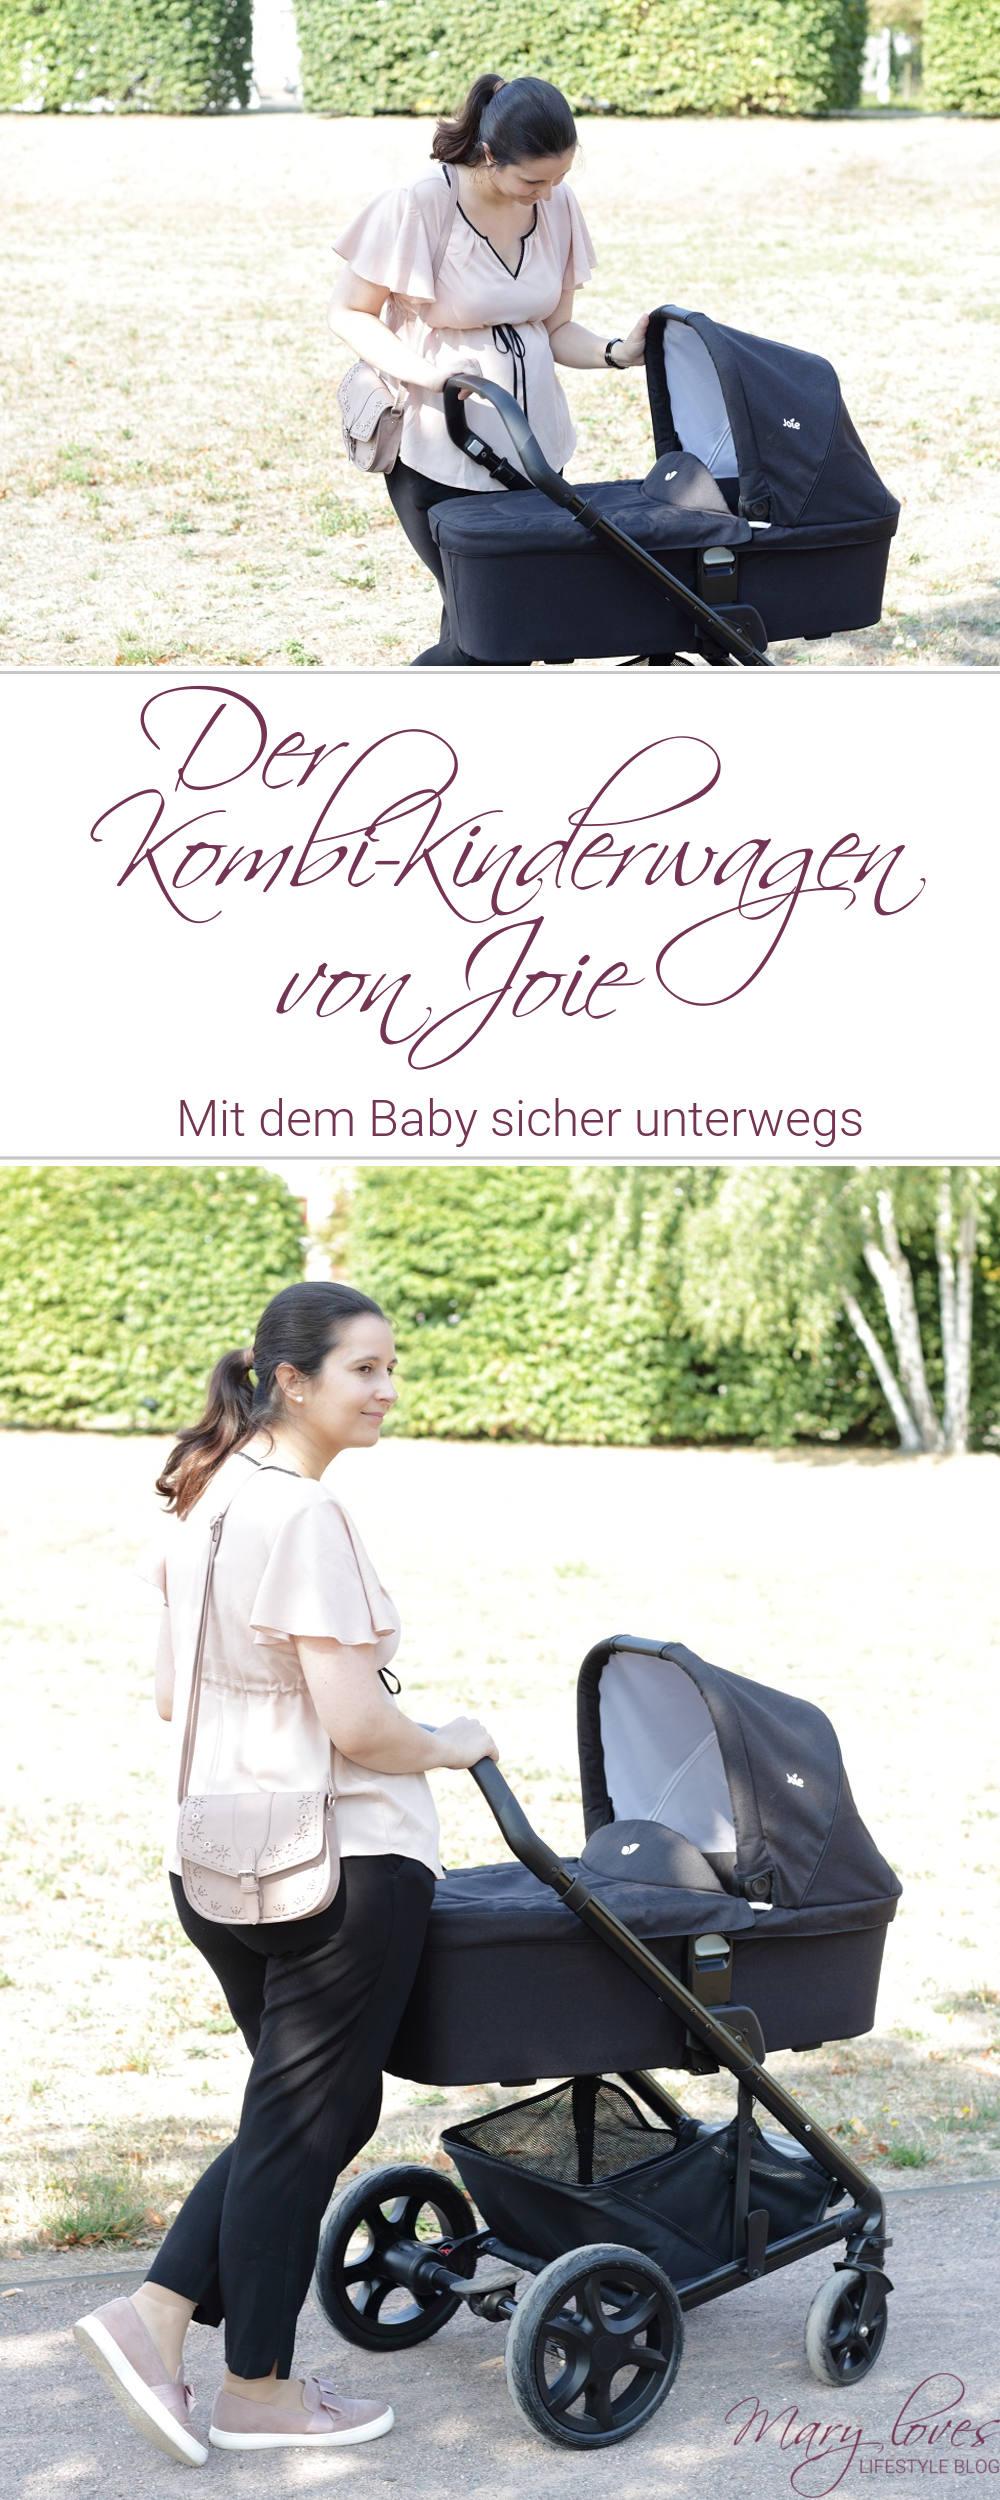 [Anzeige] Joie Chrome DLX Kombi-Kinderwagen - Mit dem Baby sicher unterwegs - #joie #joiechromedlx #chromedlx #kinderwagen #kombikinderwagen #baby #babyschale #autositz #sportbuggy #buggy